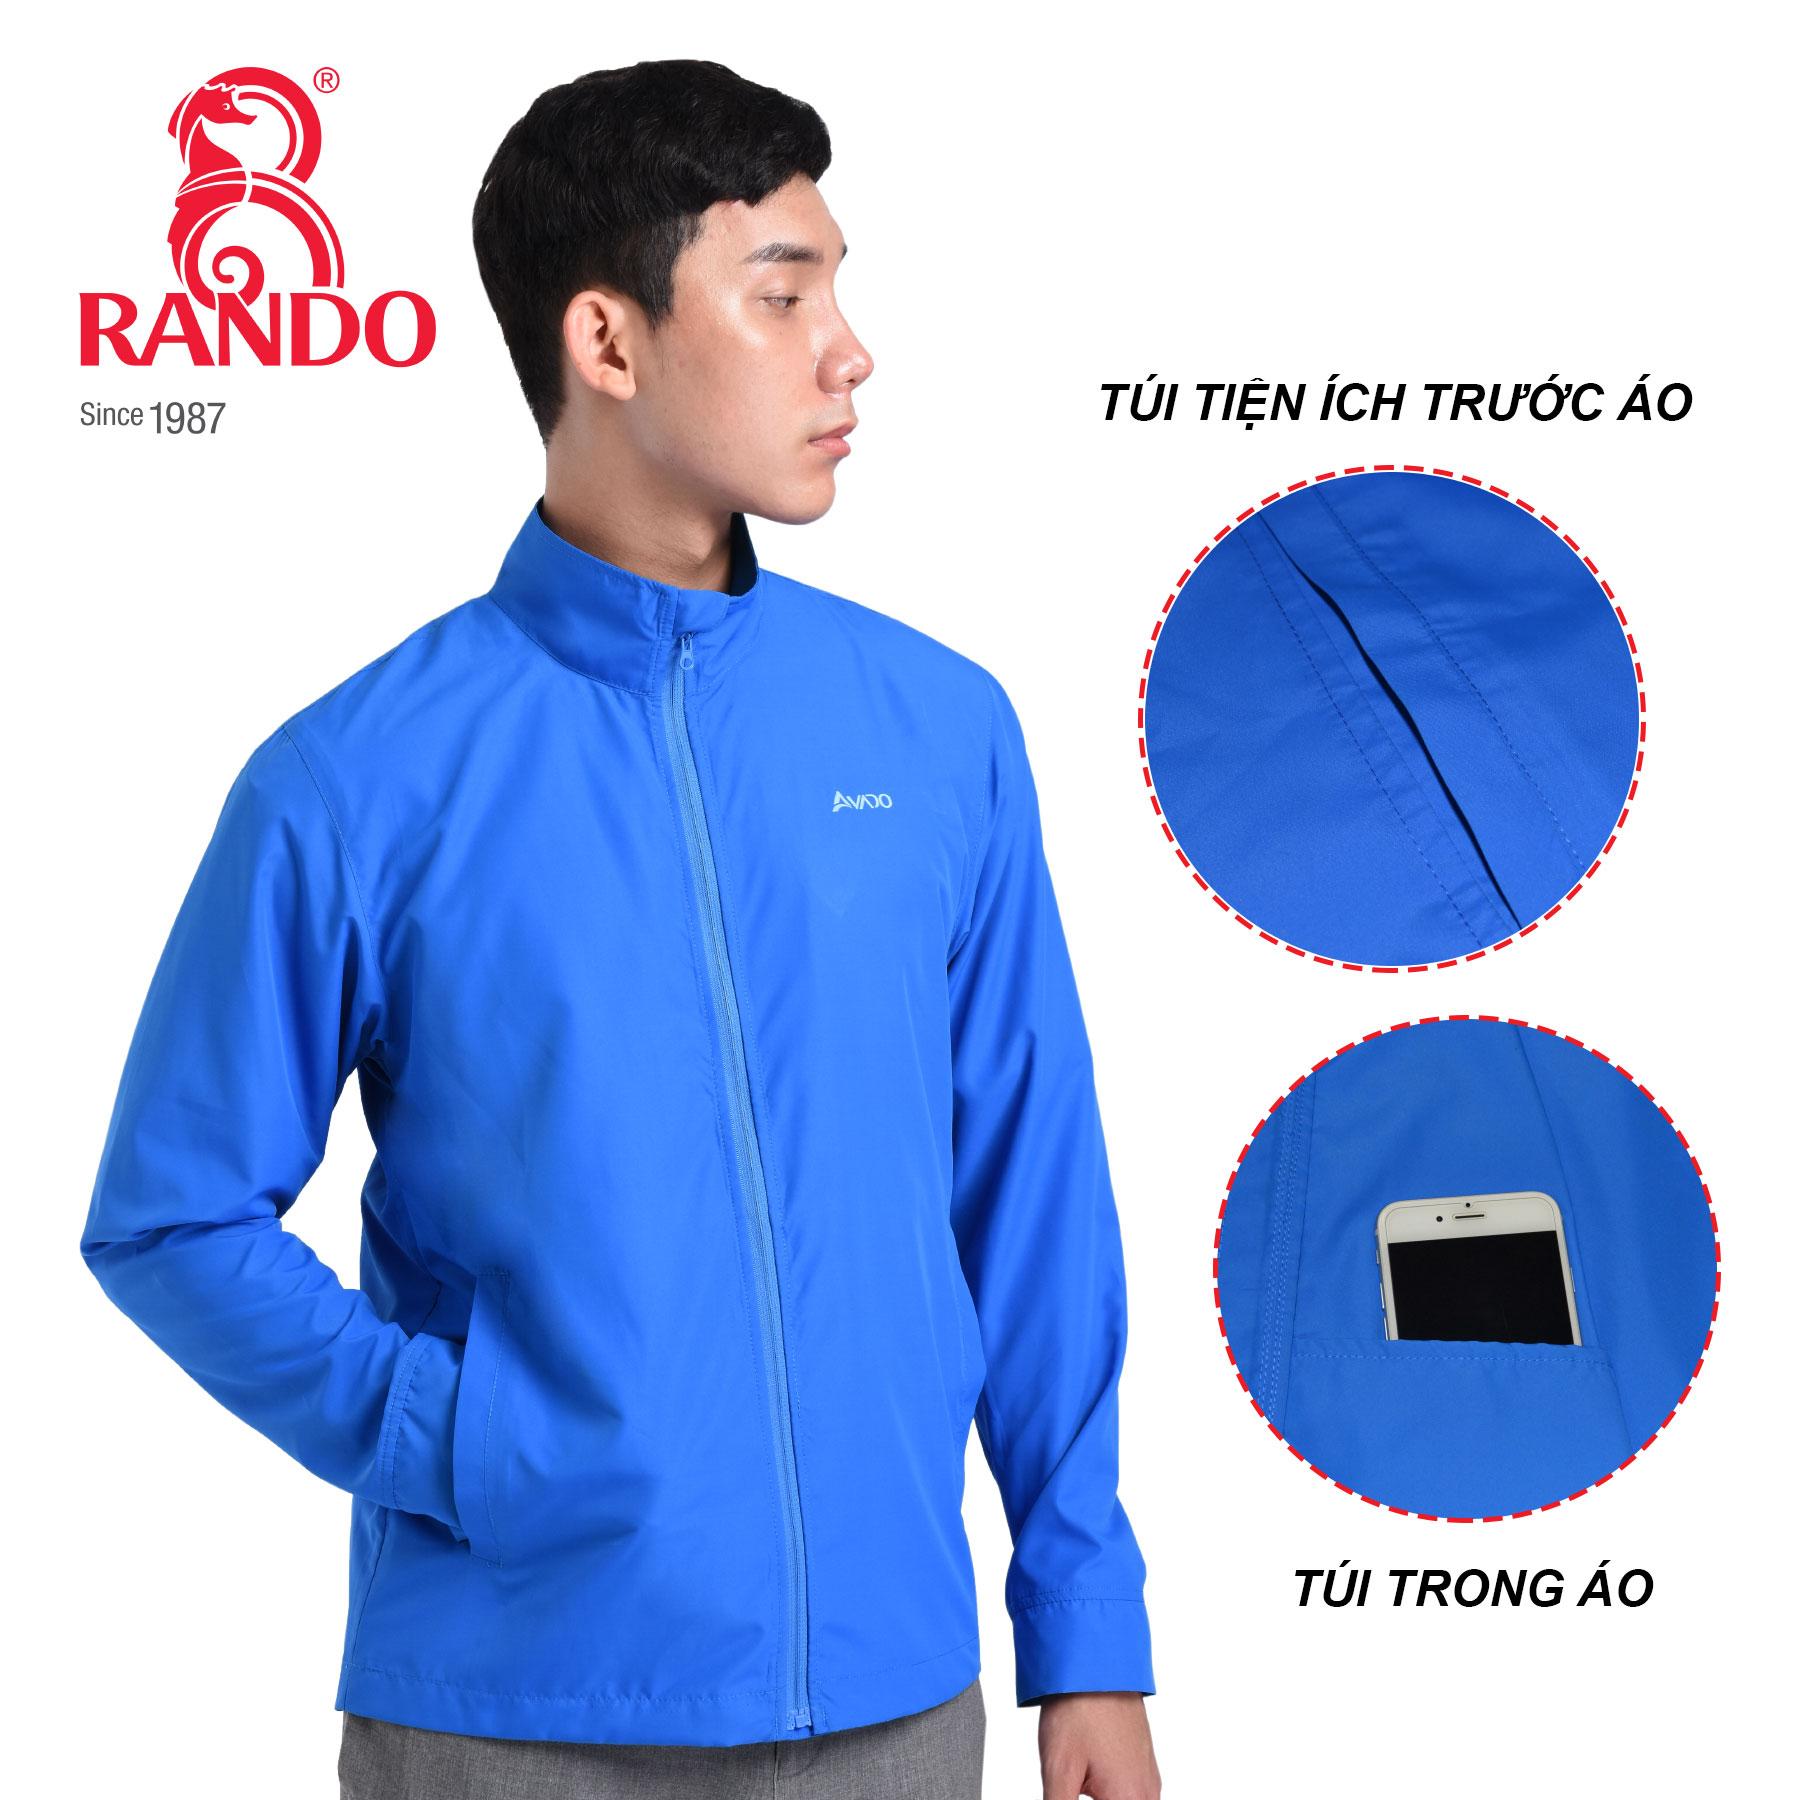 Túi tiện ích áo gió cao cấp Nam AVADO - RANDO